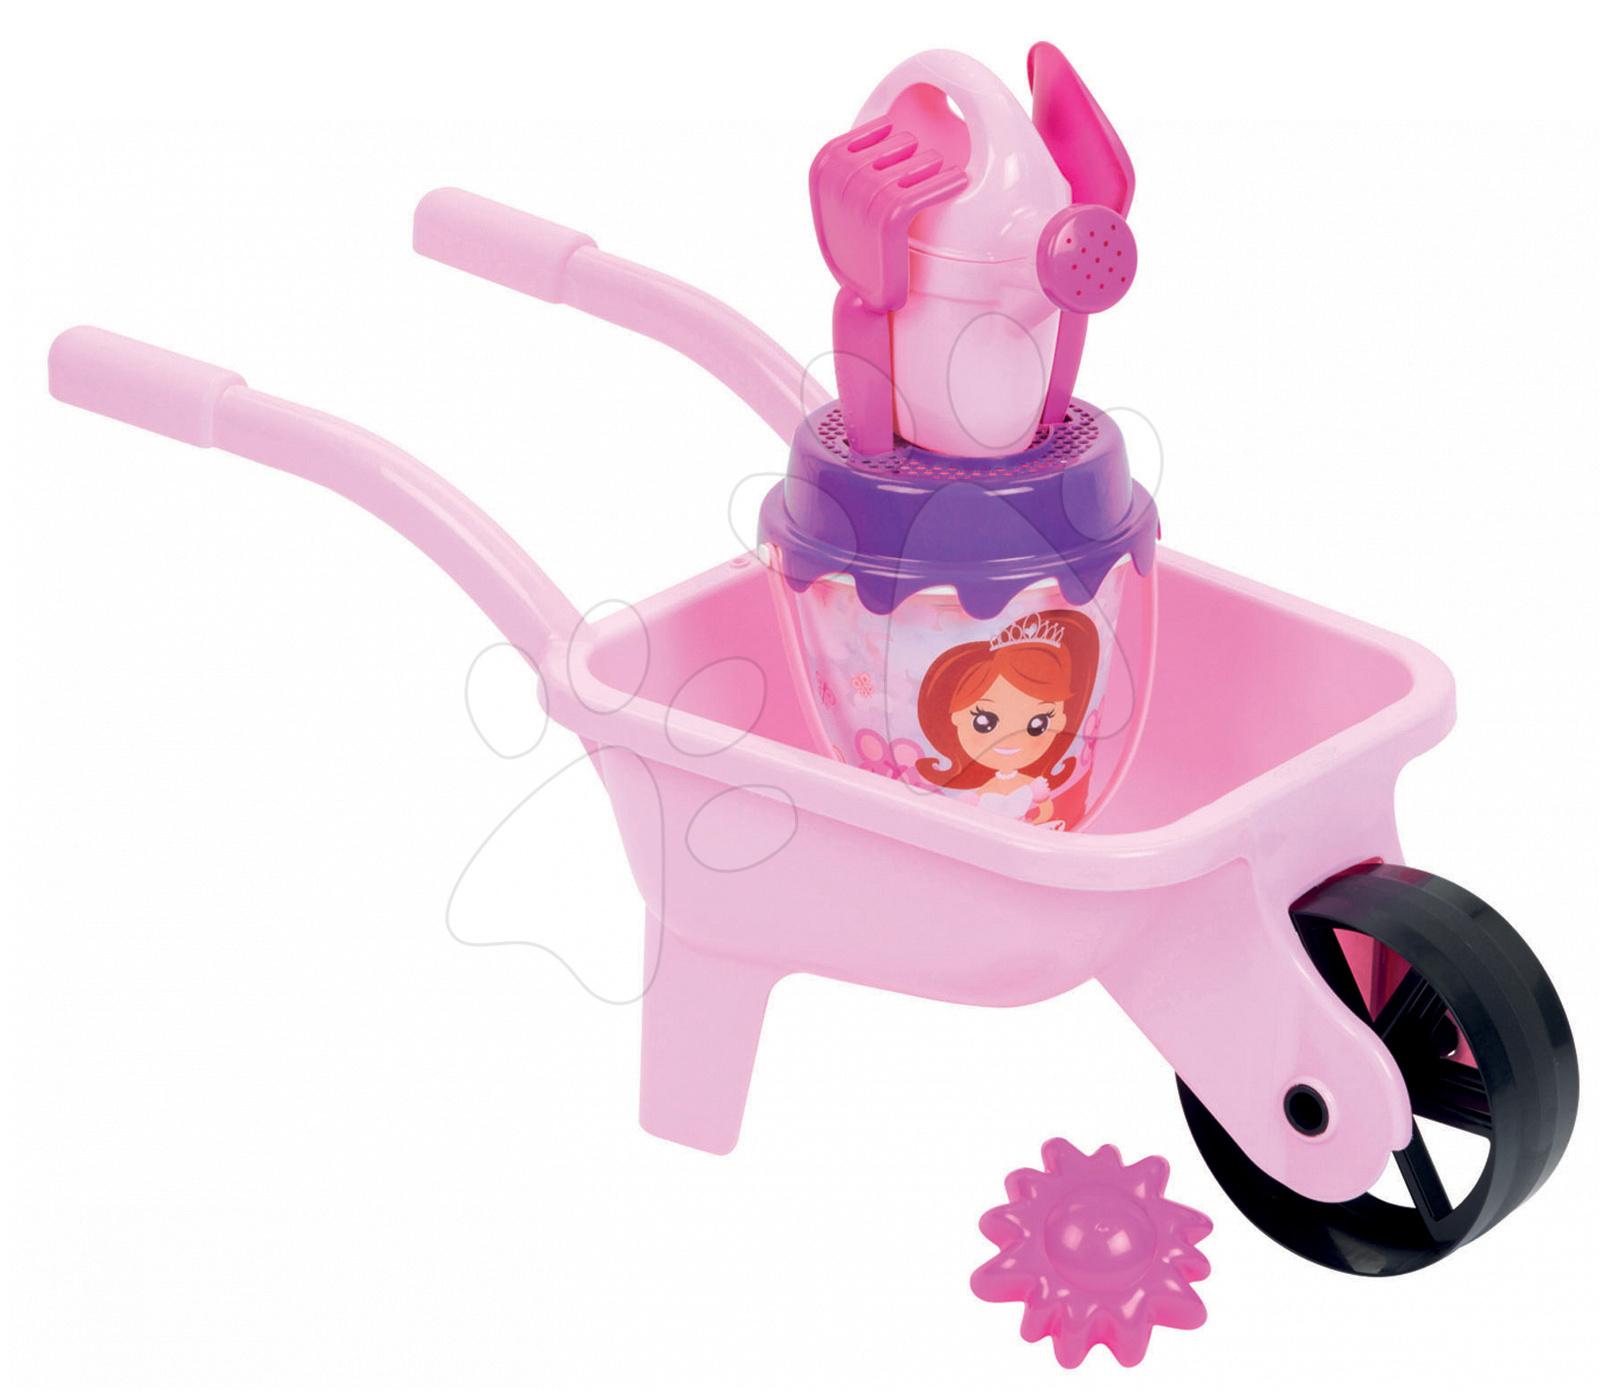 Kolečko do písku Princezna Écoiffier s kbelík setem růžový od 18 měsíců